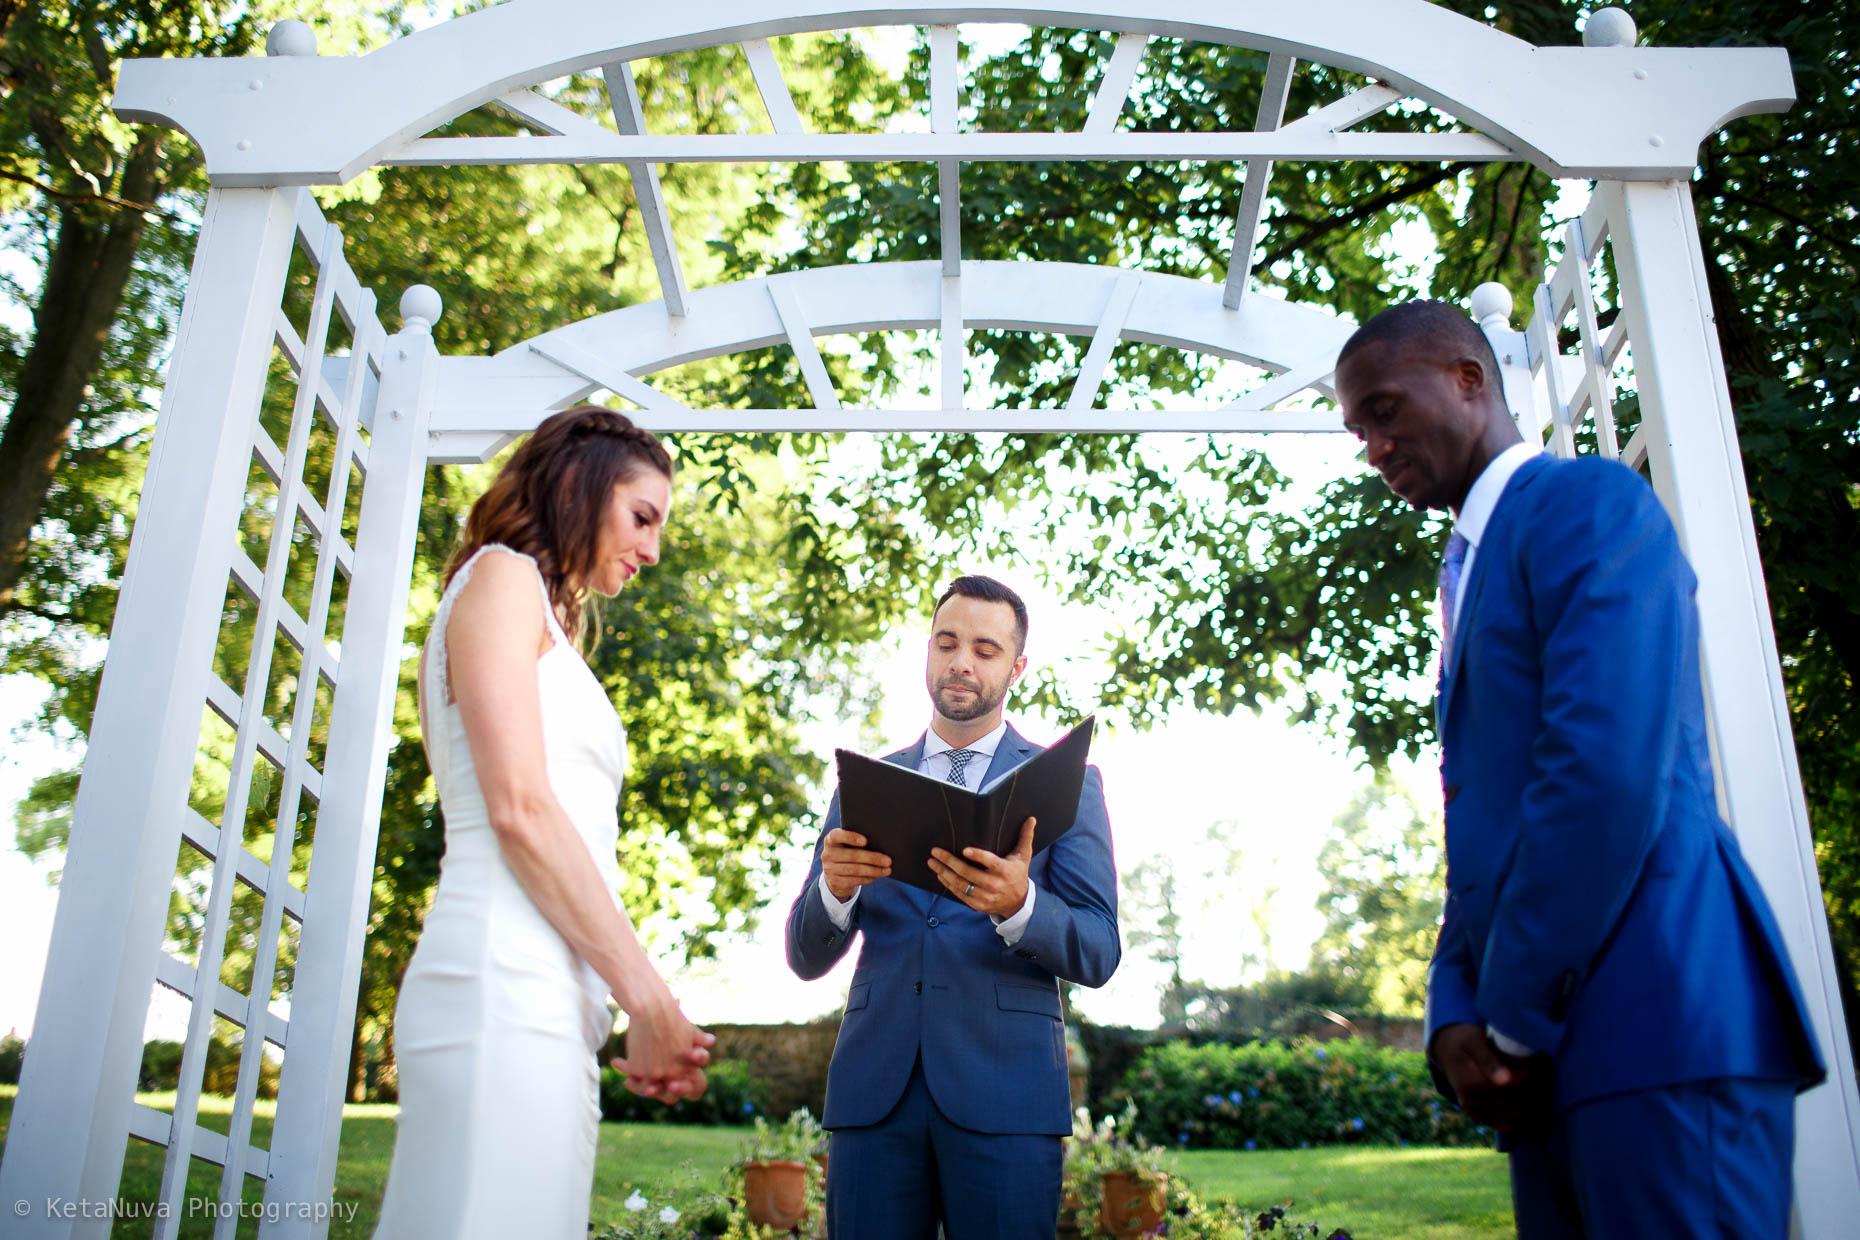 Sunken Garden - Lauxmont Farms Wedding   Aubrey & Barrett Lauxmont Farms Wedding Sunken Garden35